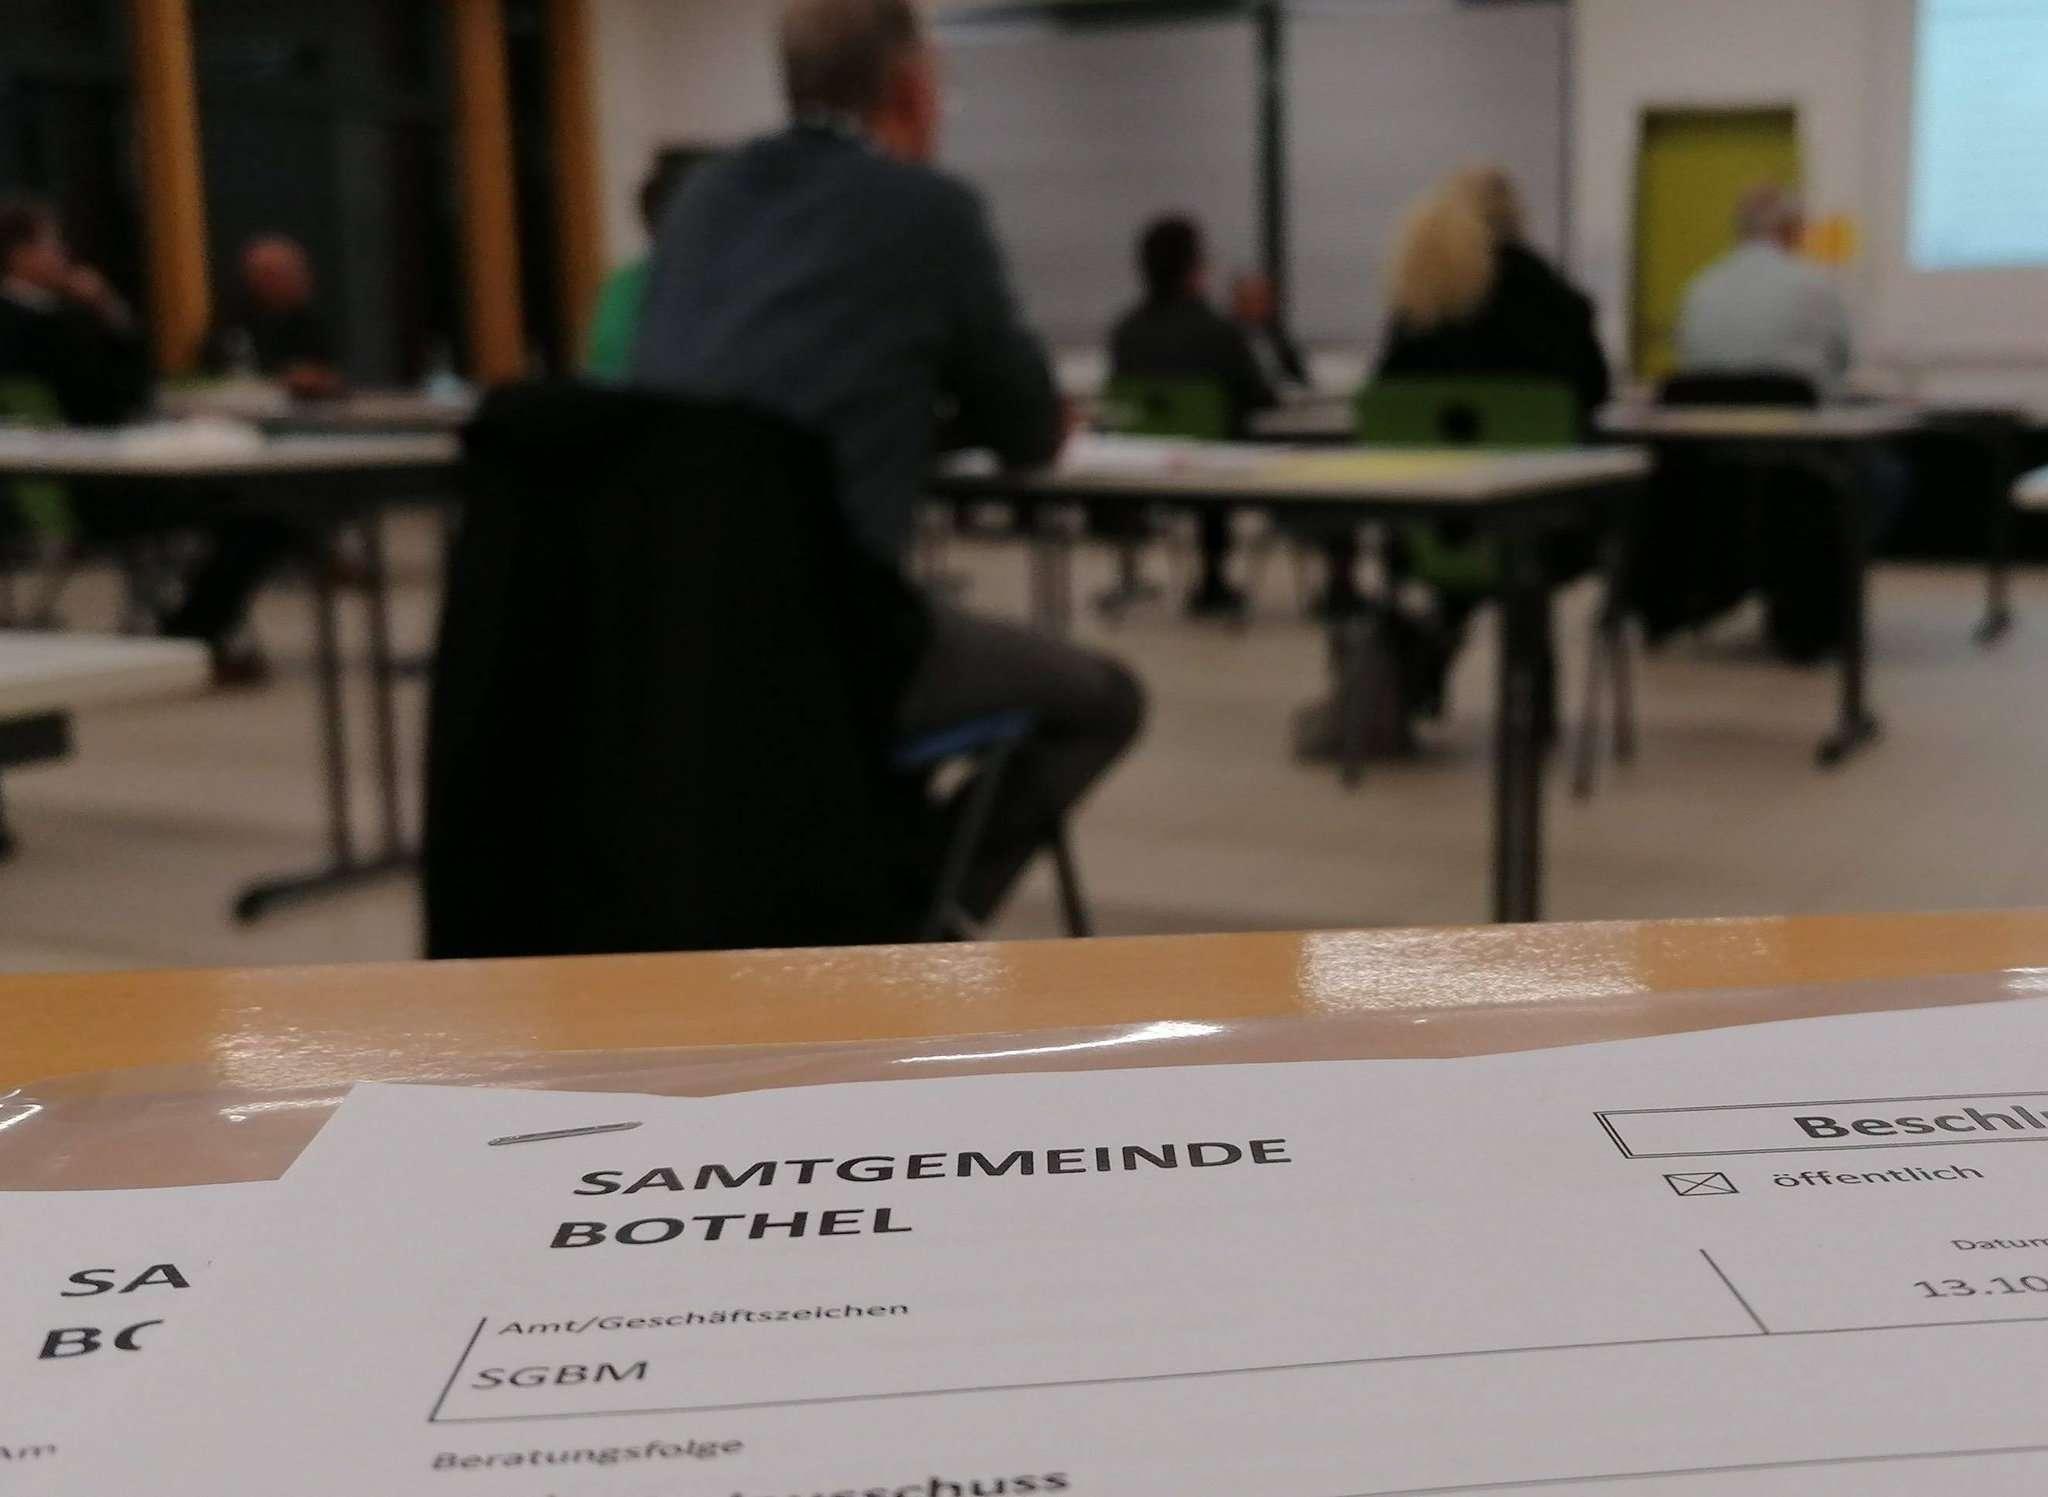 Mit Abstand beriet sich der Samtgemeinderat Bothel in der neuen Mensa der Wiedau-Schule über Luftfilteranlagen in den Klassenräumen. Foto: Nina Baucke